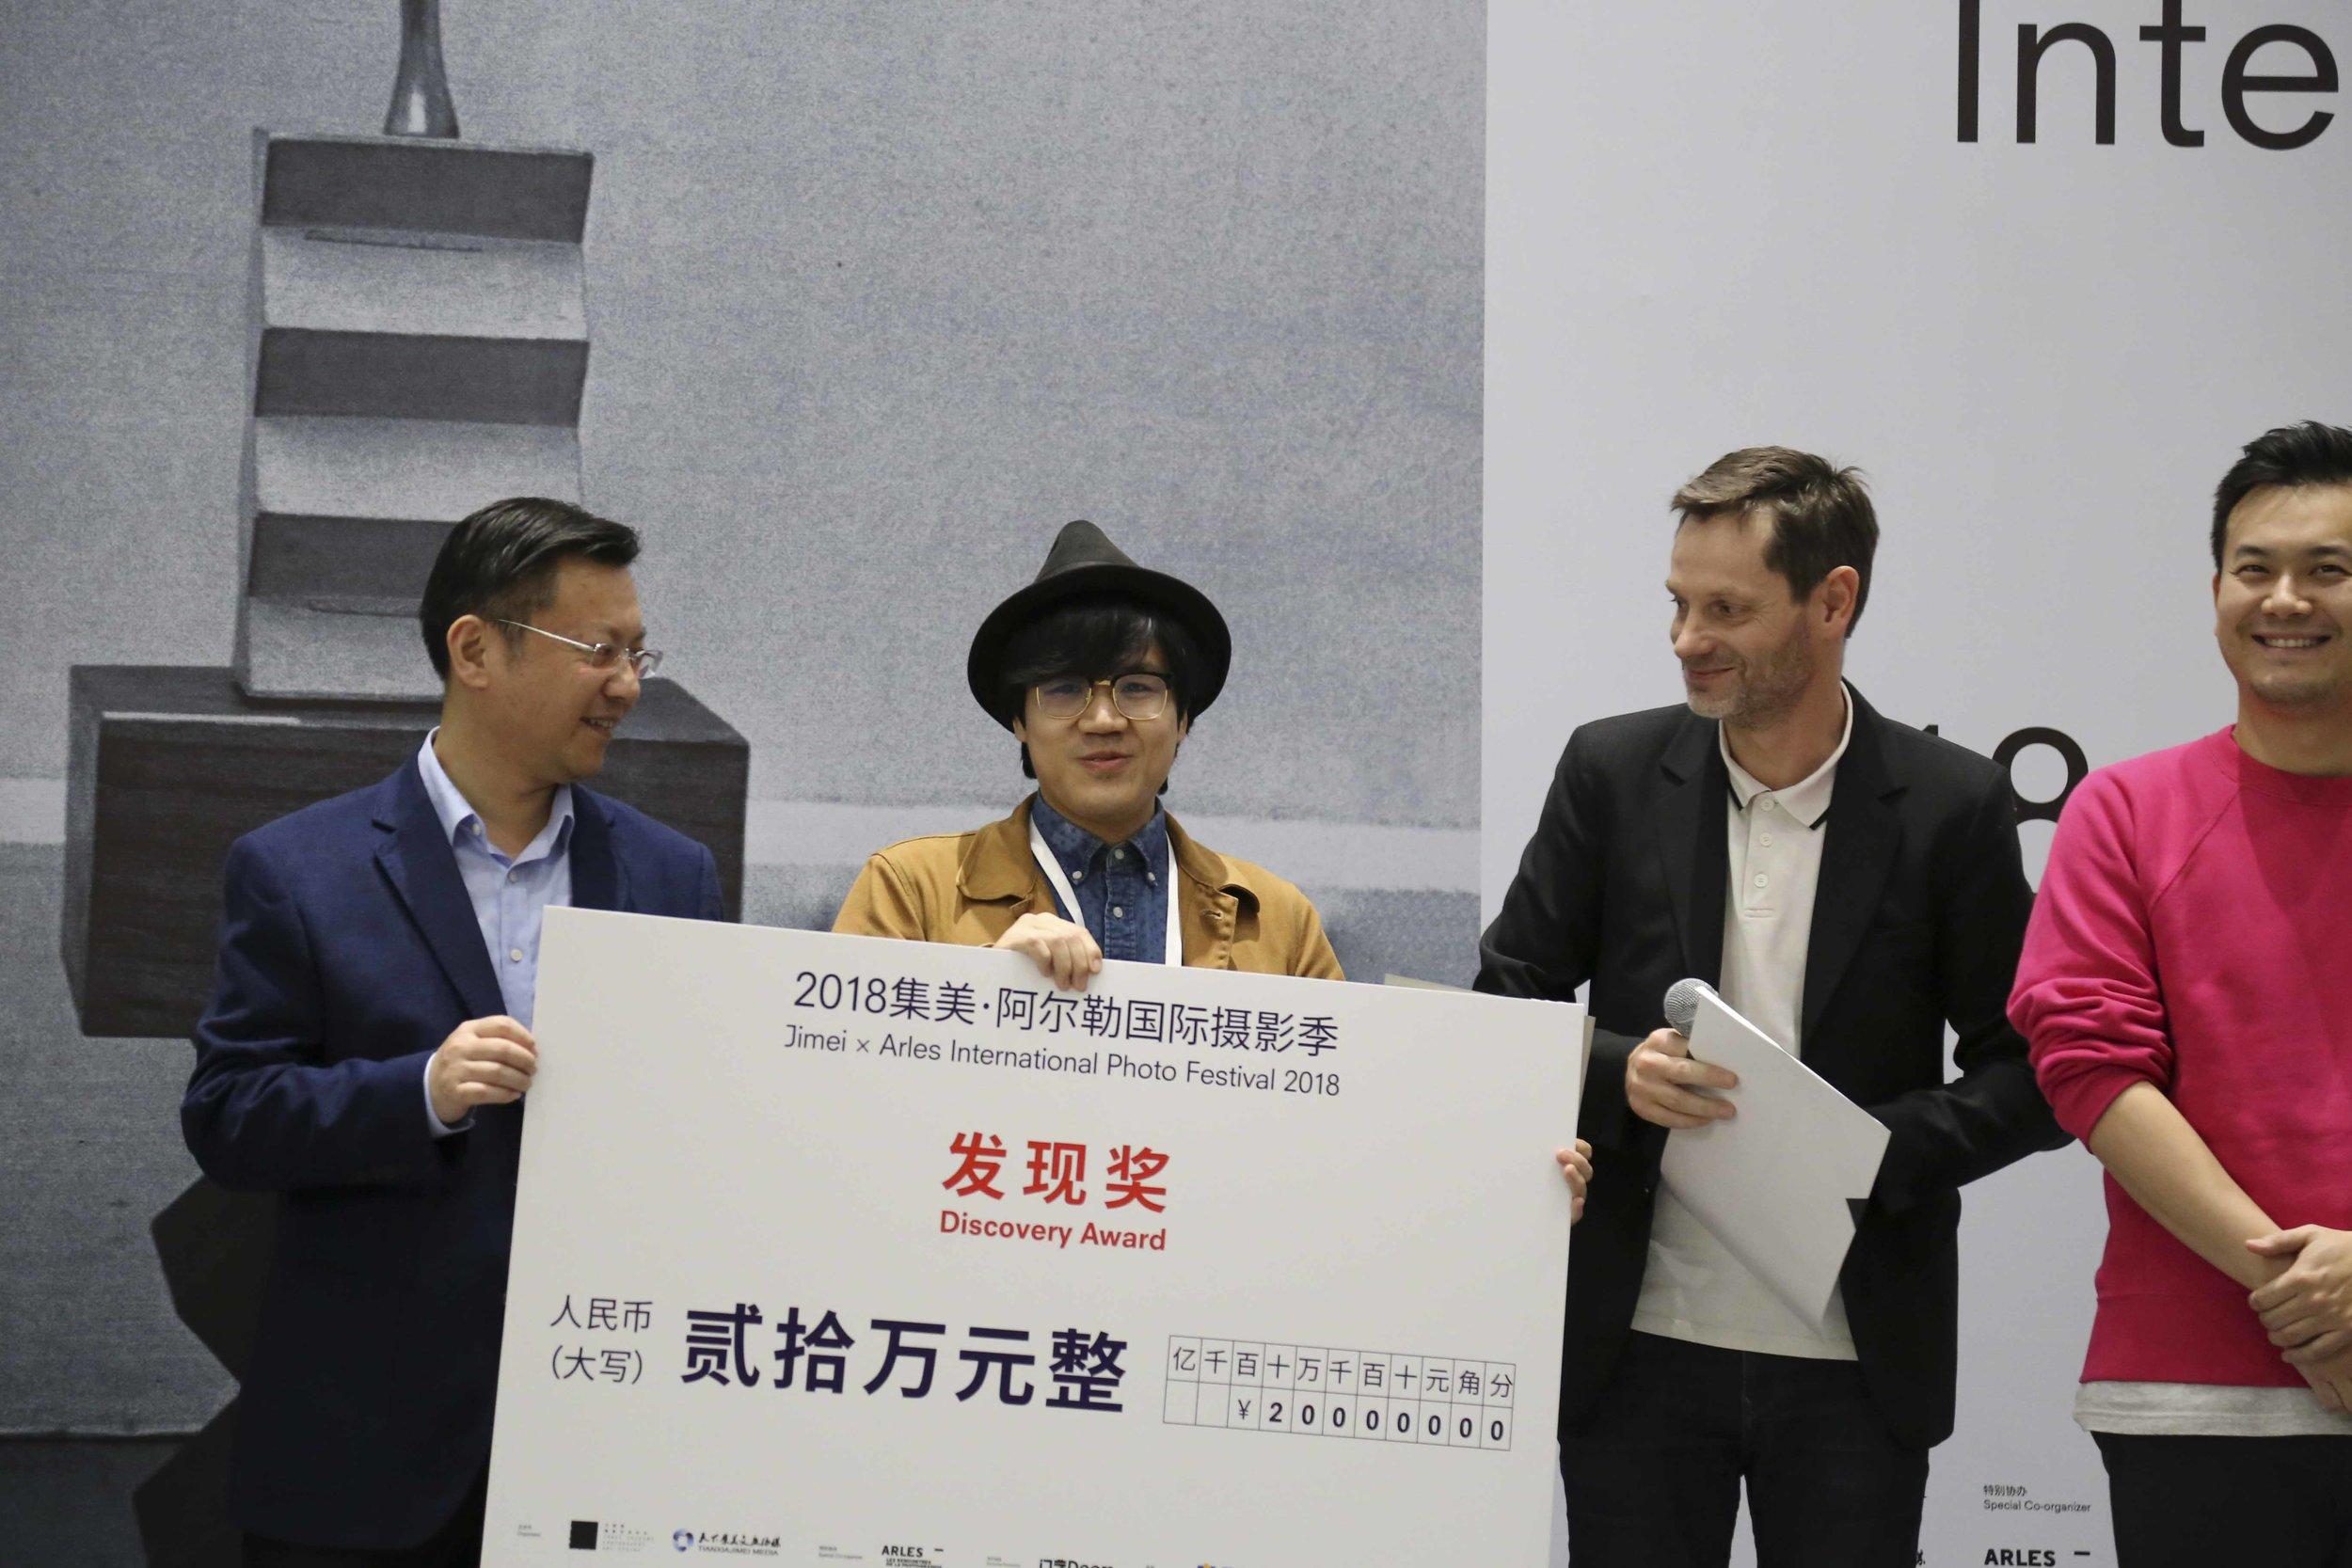 雷磊获得集美·阿尔勒发现奖,赖朝晖(集美区政府),评委萨姆·斯道兹(法国阿尔勒摄影节总监)和周大为(收藏家、艺术企业家)为雷磊颁奖。